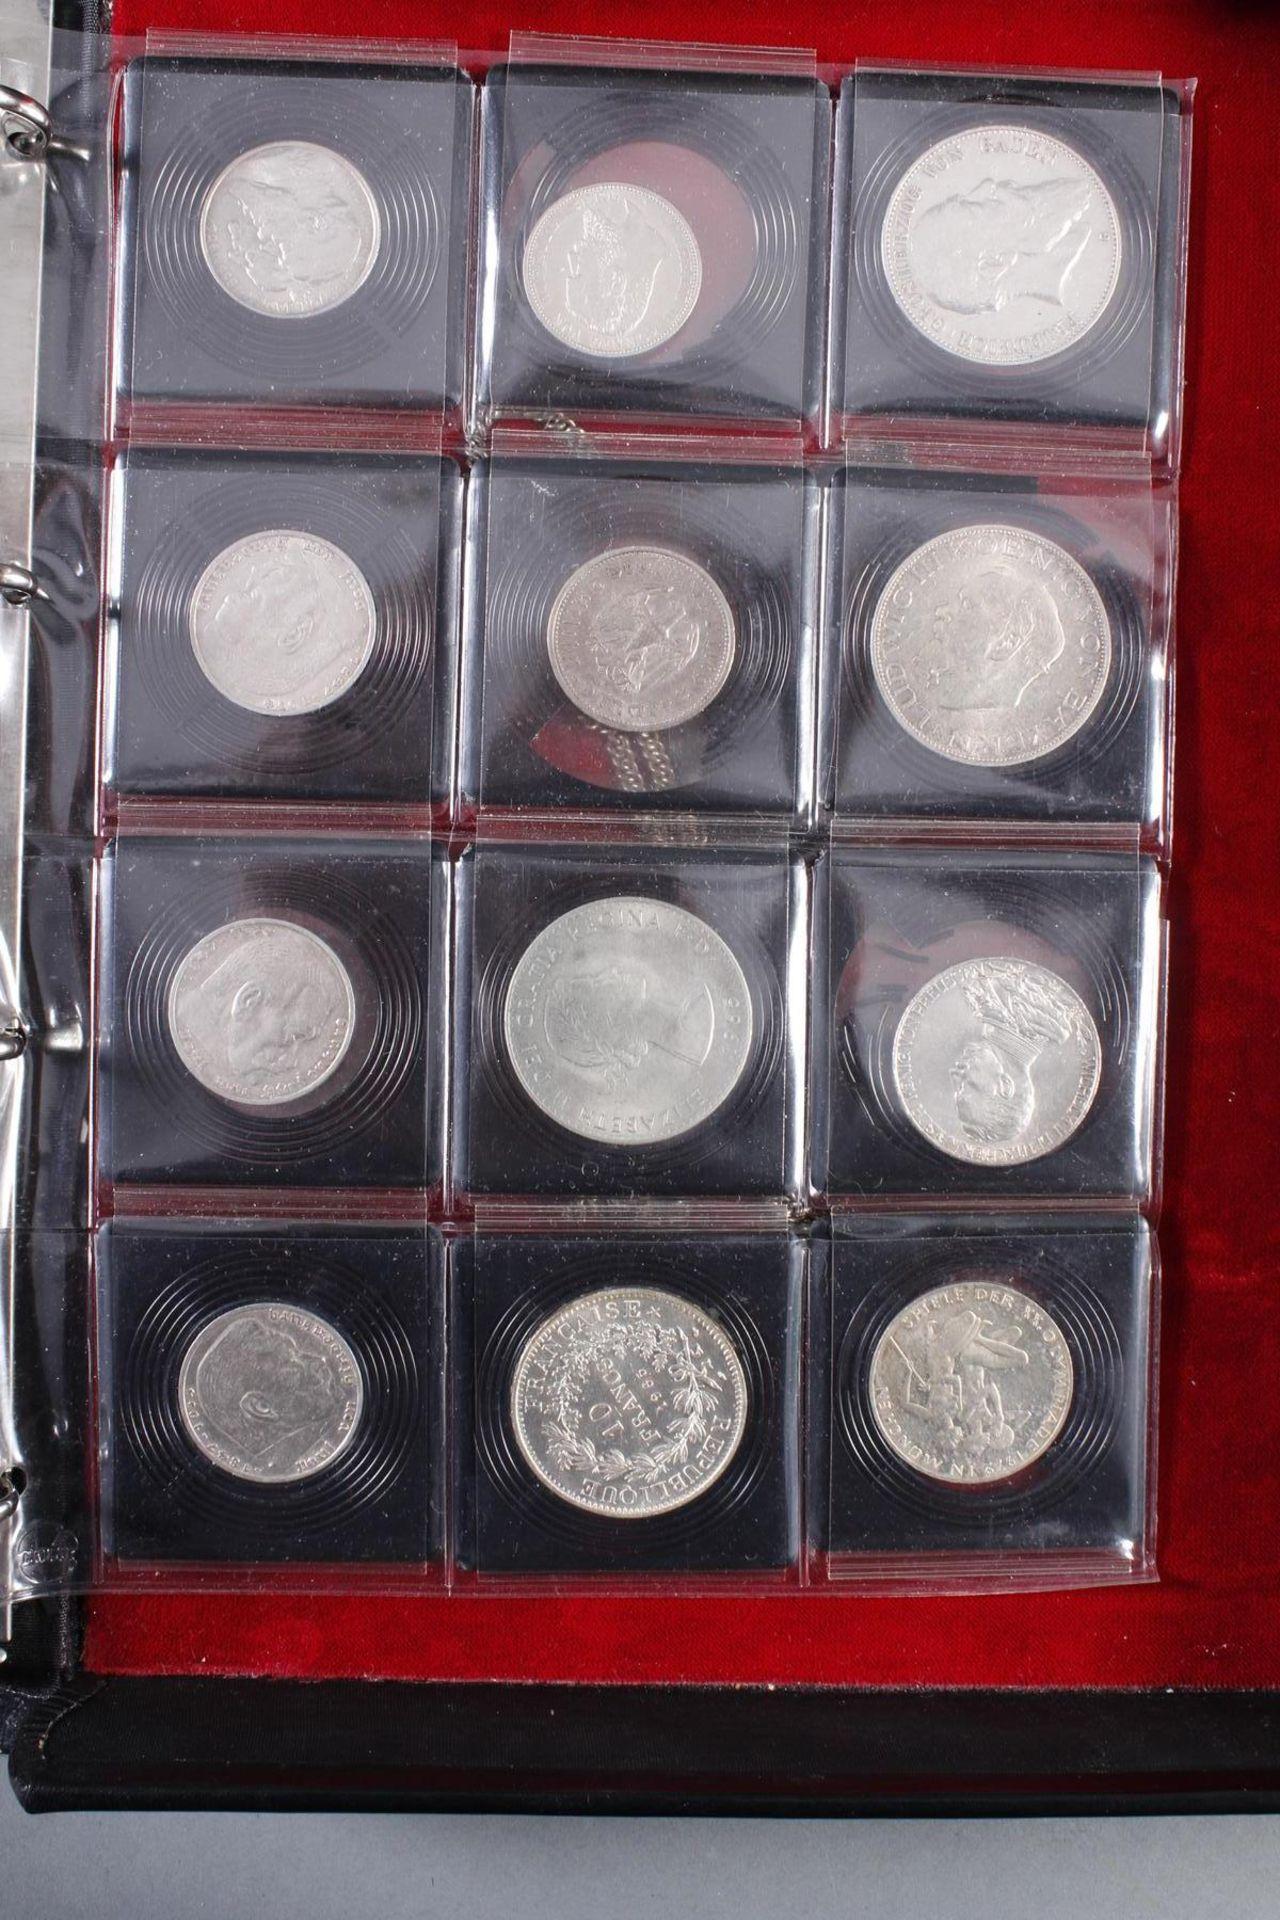 Münz- und Medaillensammlung - Bild 8 aus 8